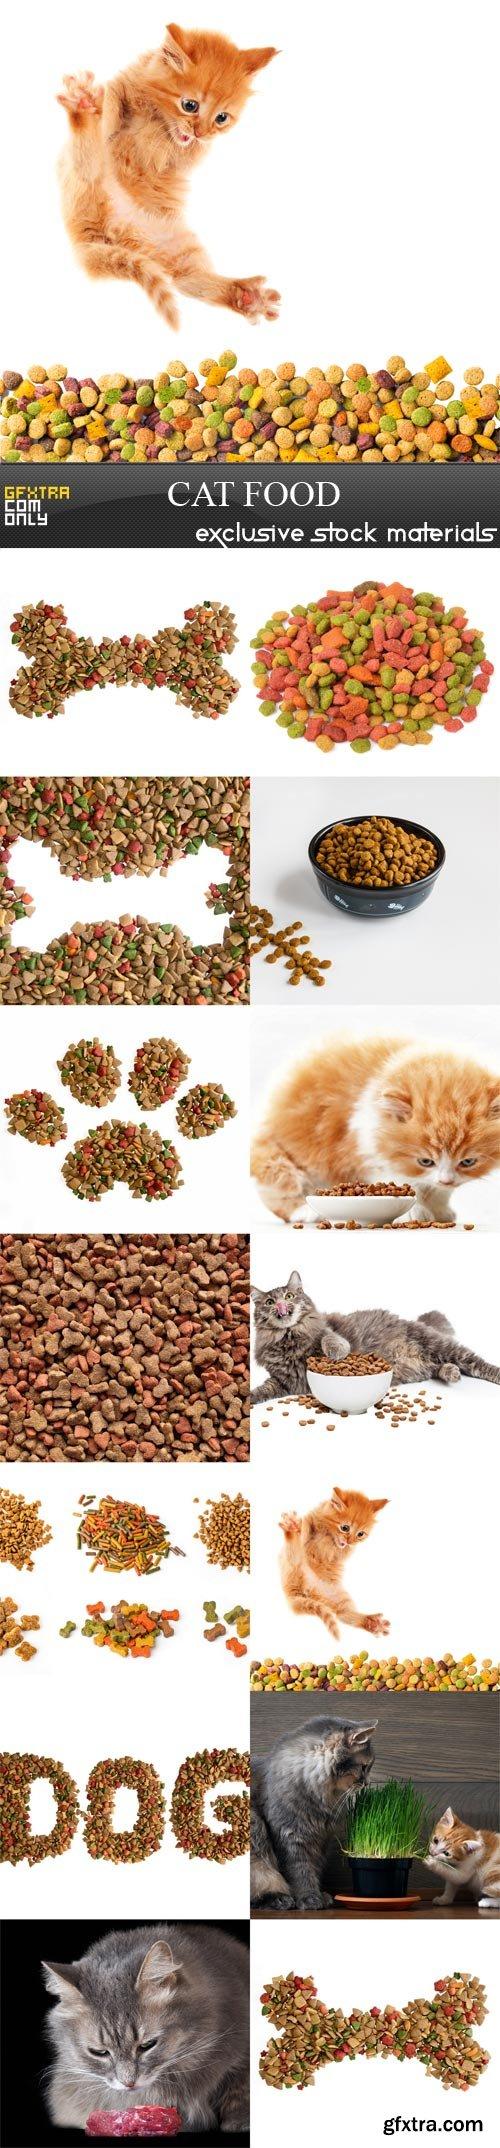 Cat food, 13 UHQ JPEG